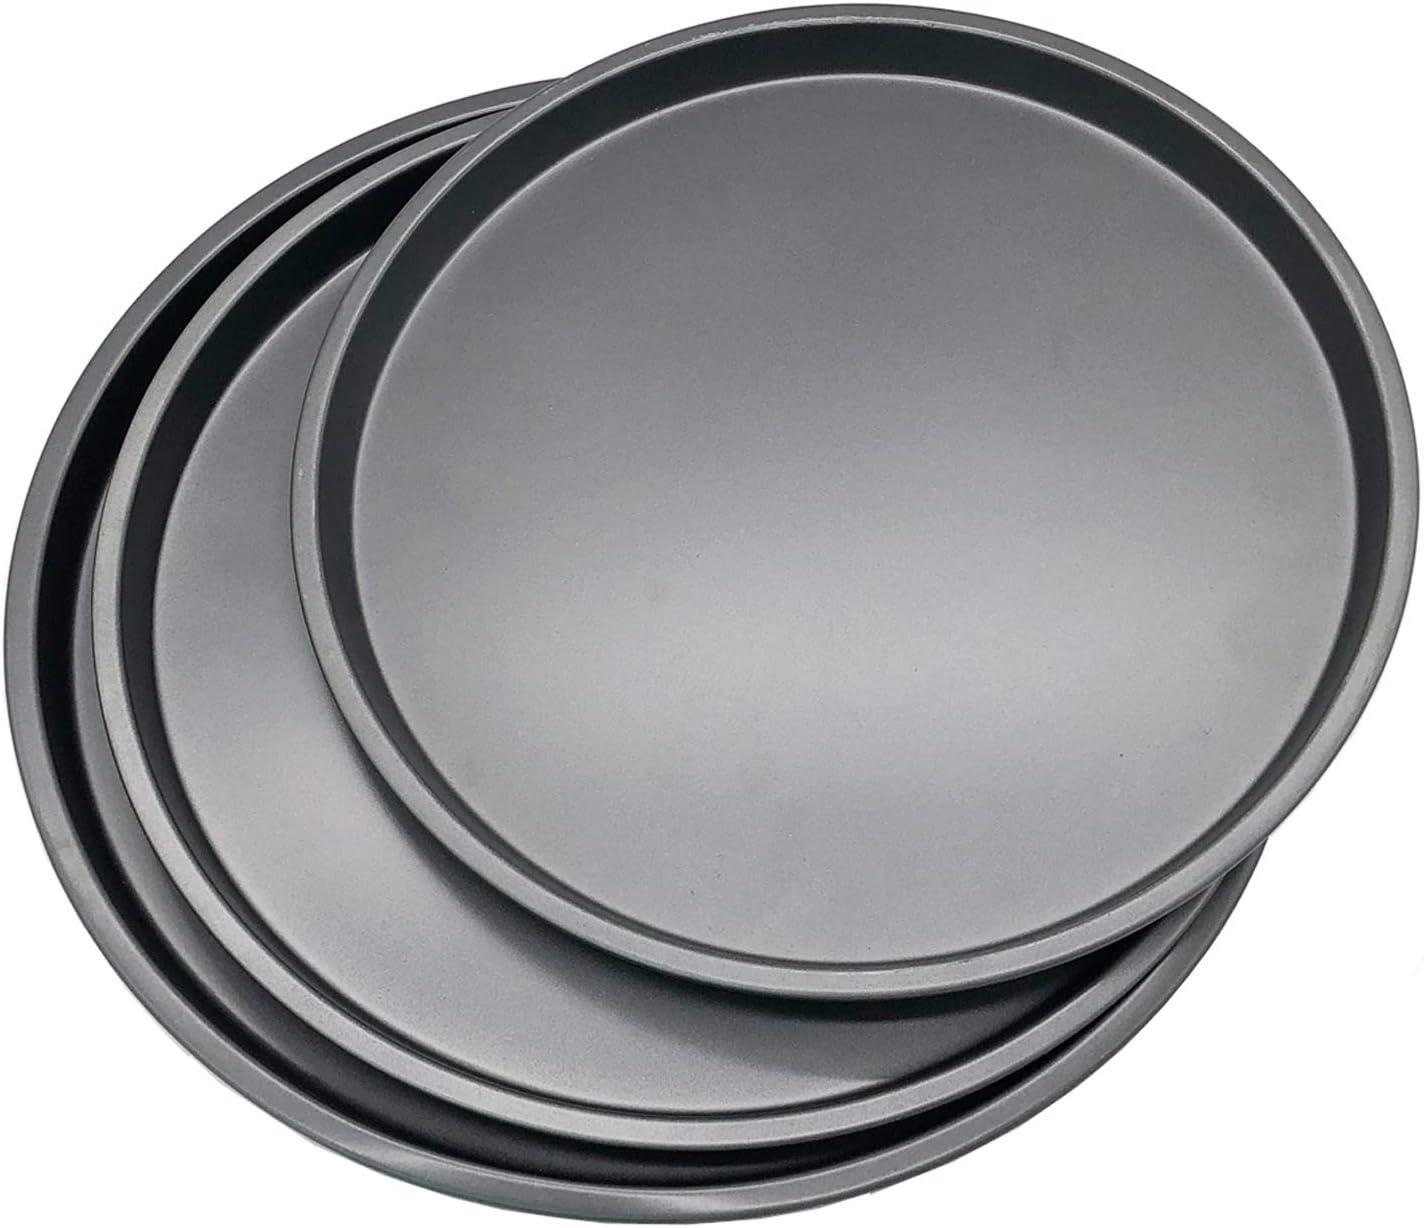 Waytiffer 3Pcs Pizza Pans Set Bakeware Set (10